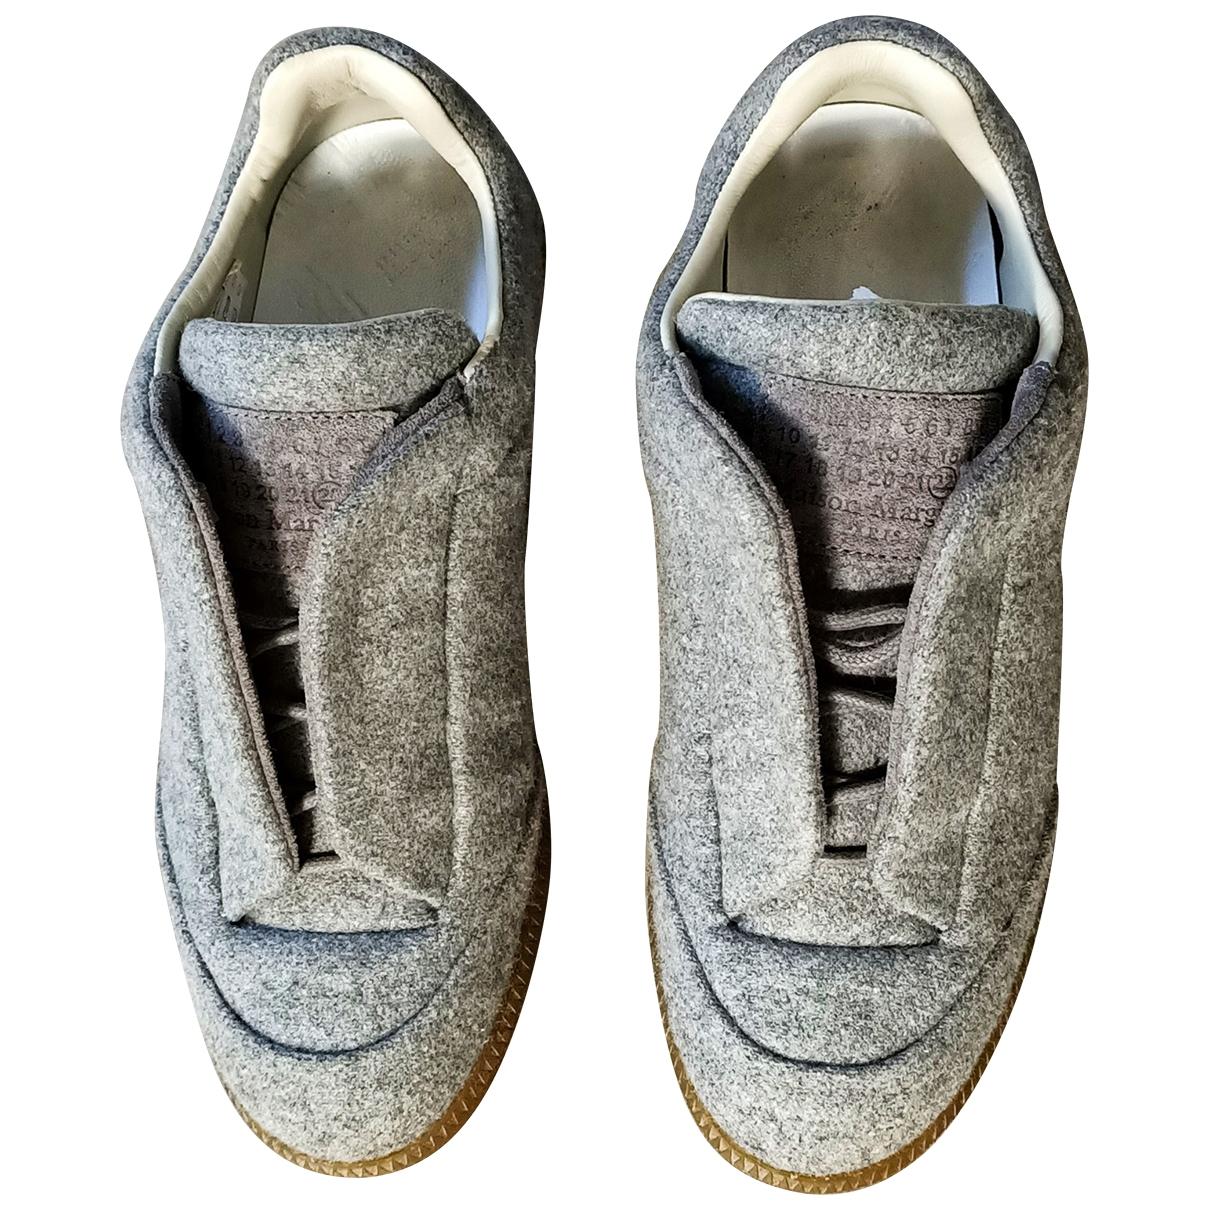 Maison Martin Margiela - Baskets Future pour homme en toile - gris